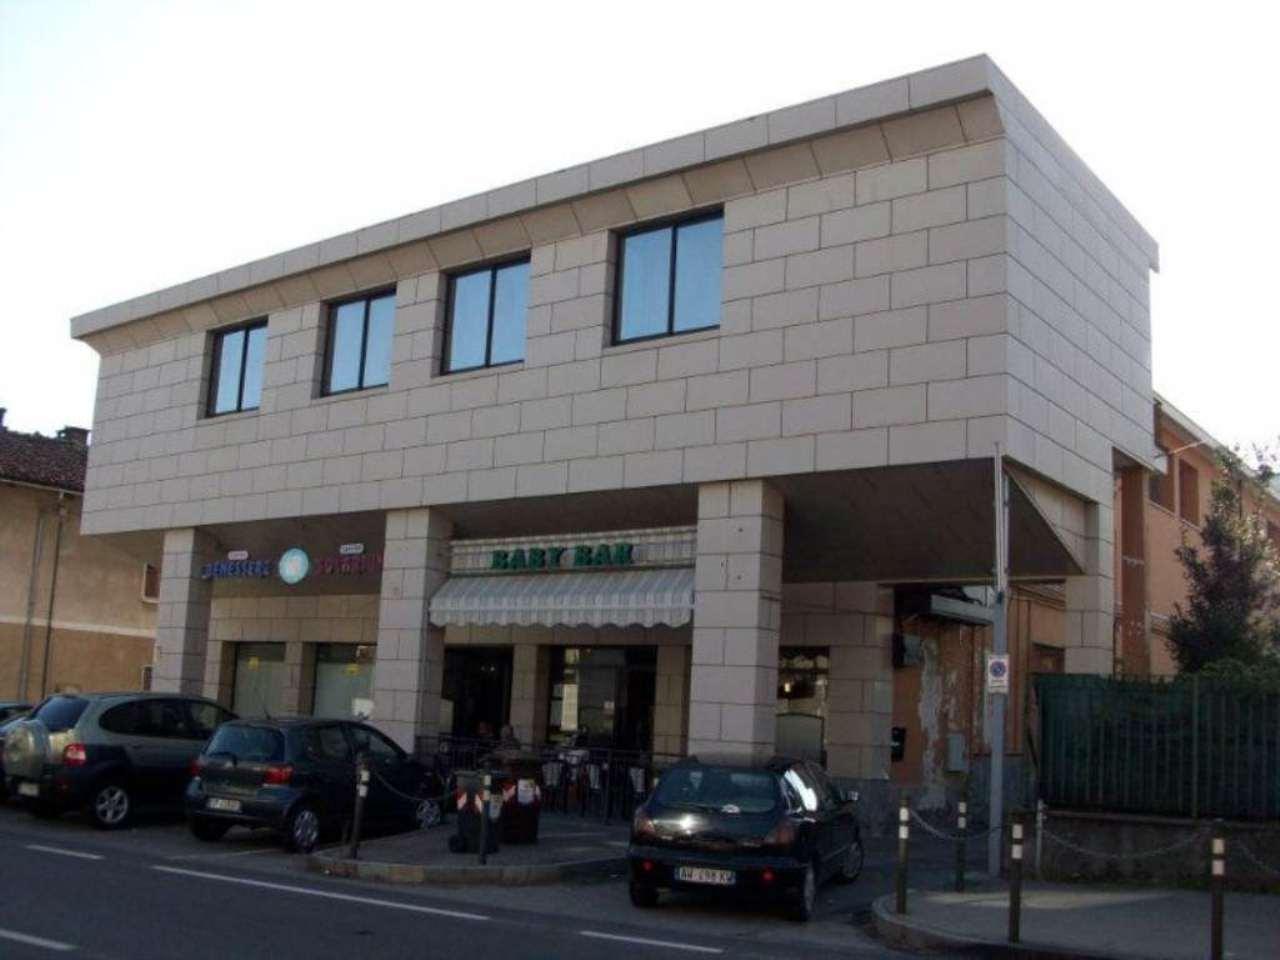 Negozio / Locale in vendita a Alpignano, 2 locali, prezzo € 110.000 | CambioCasa.it